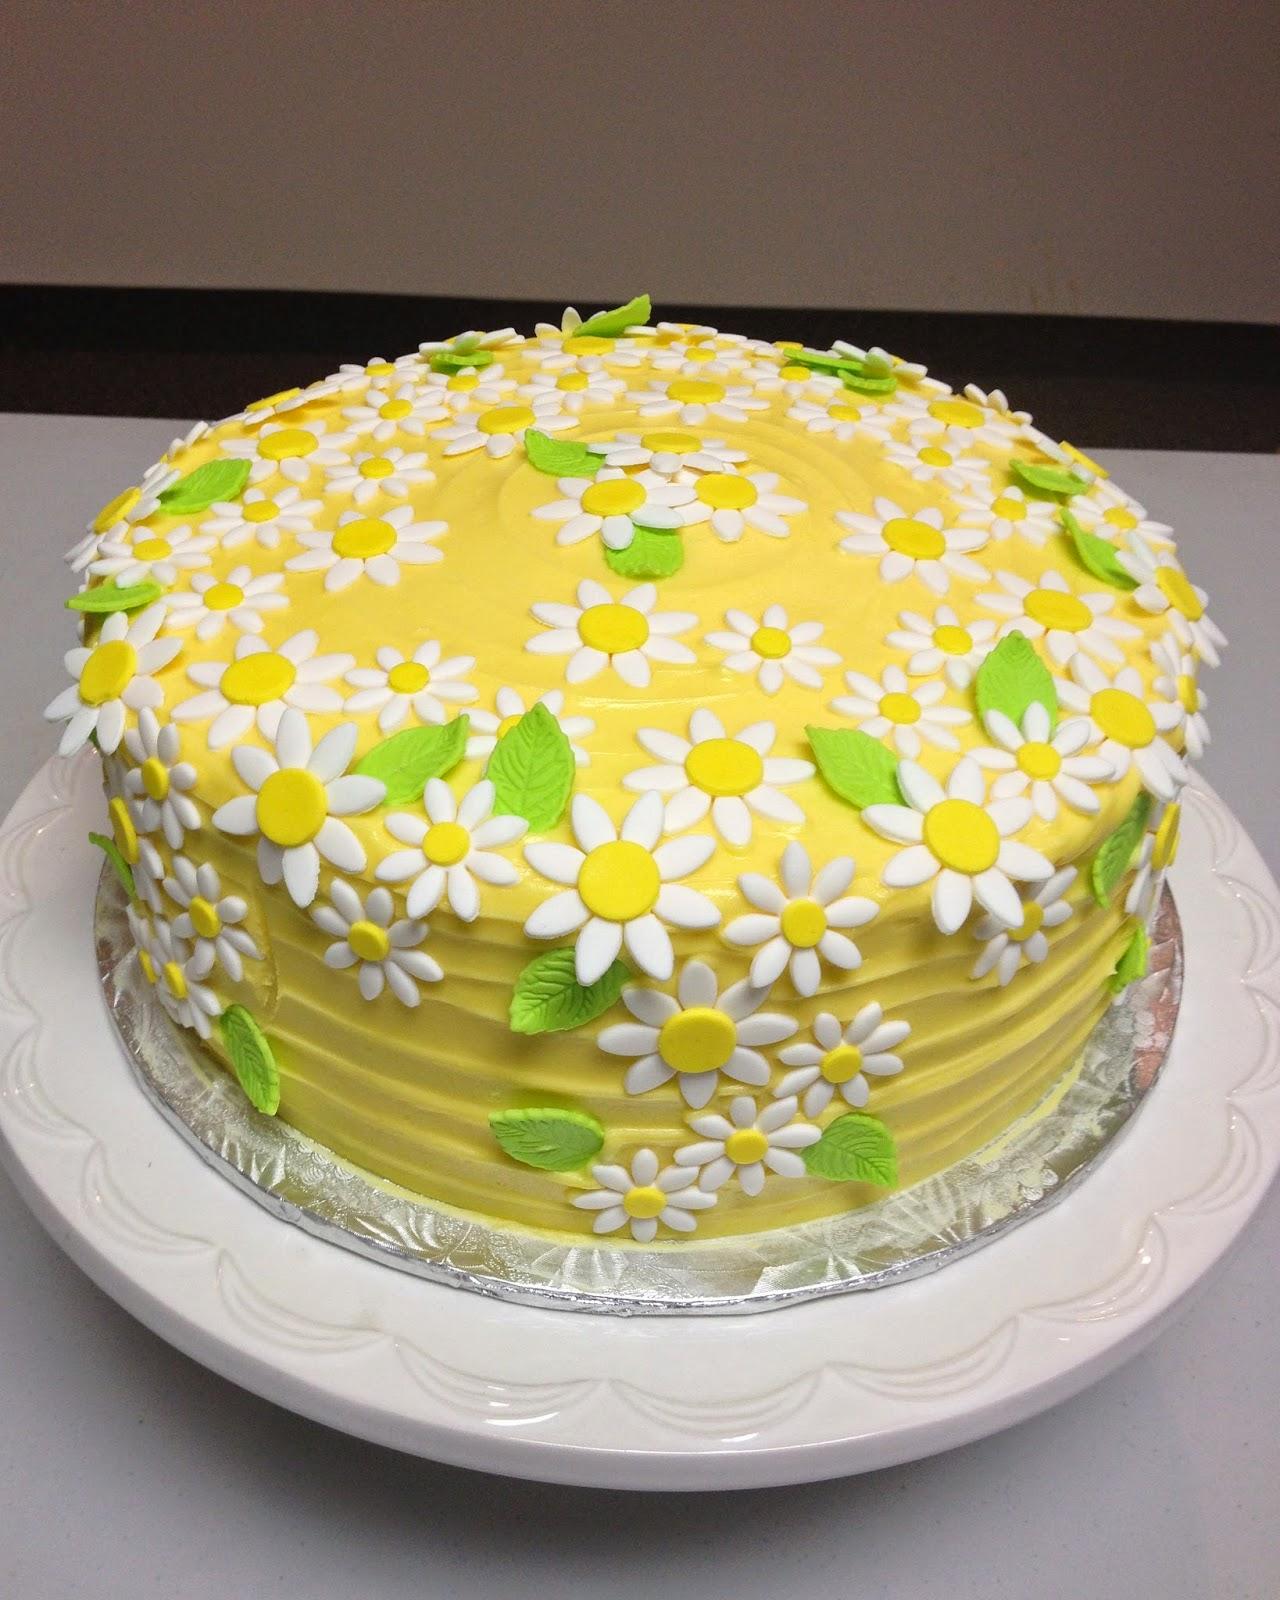 Daisy Cake for Grandma J